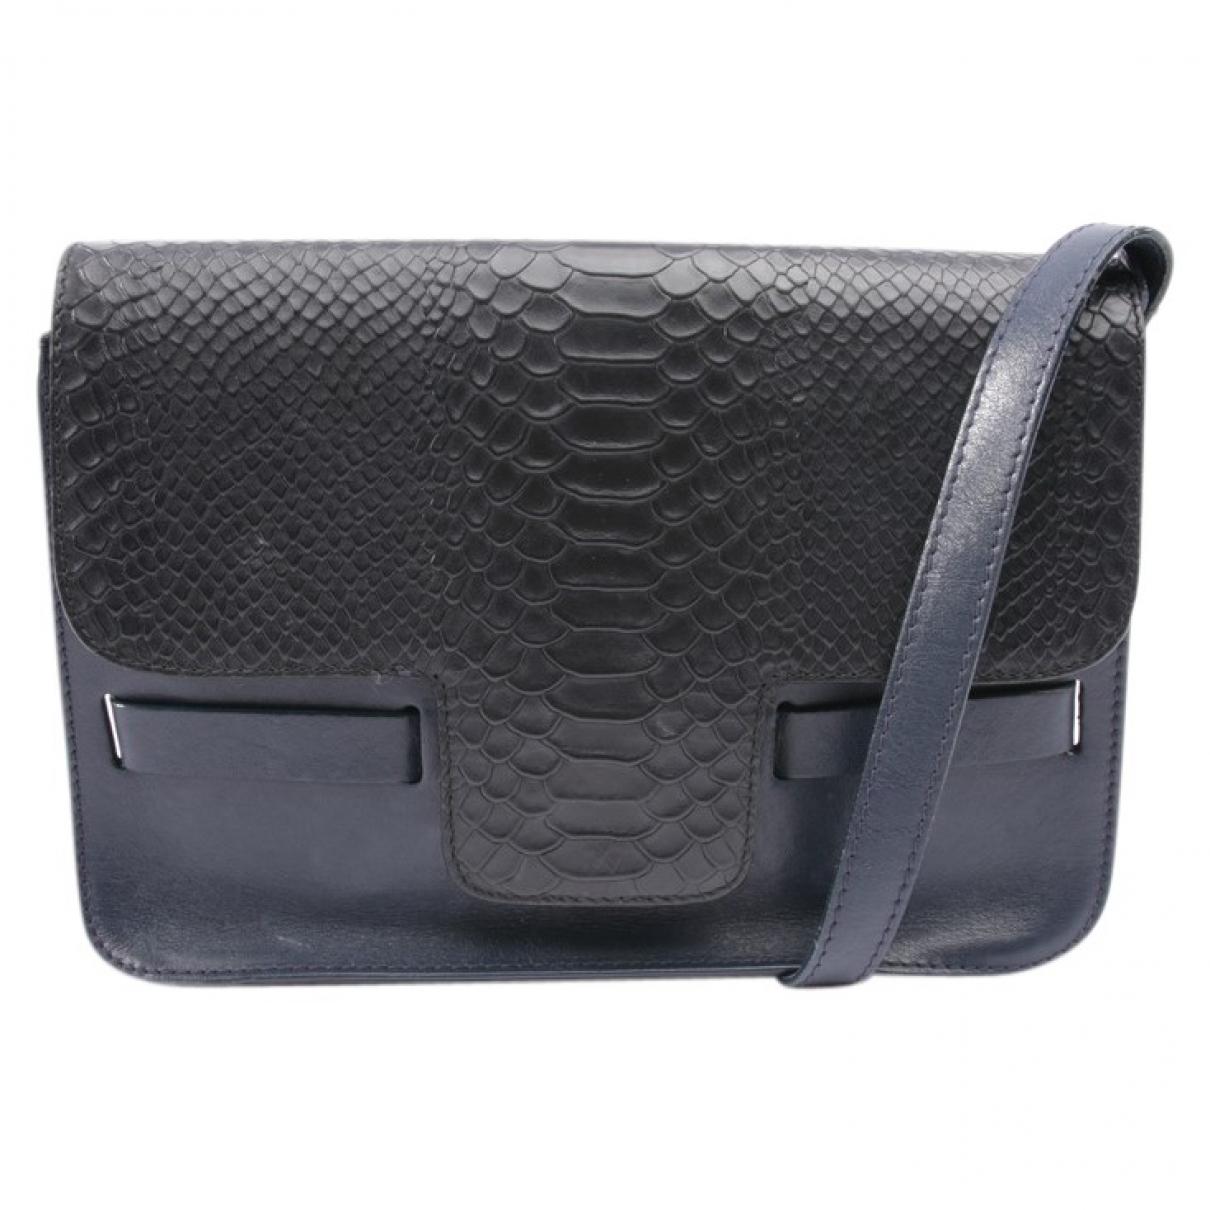 Lili Radu \N Blue Leather handbag for Women \N